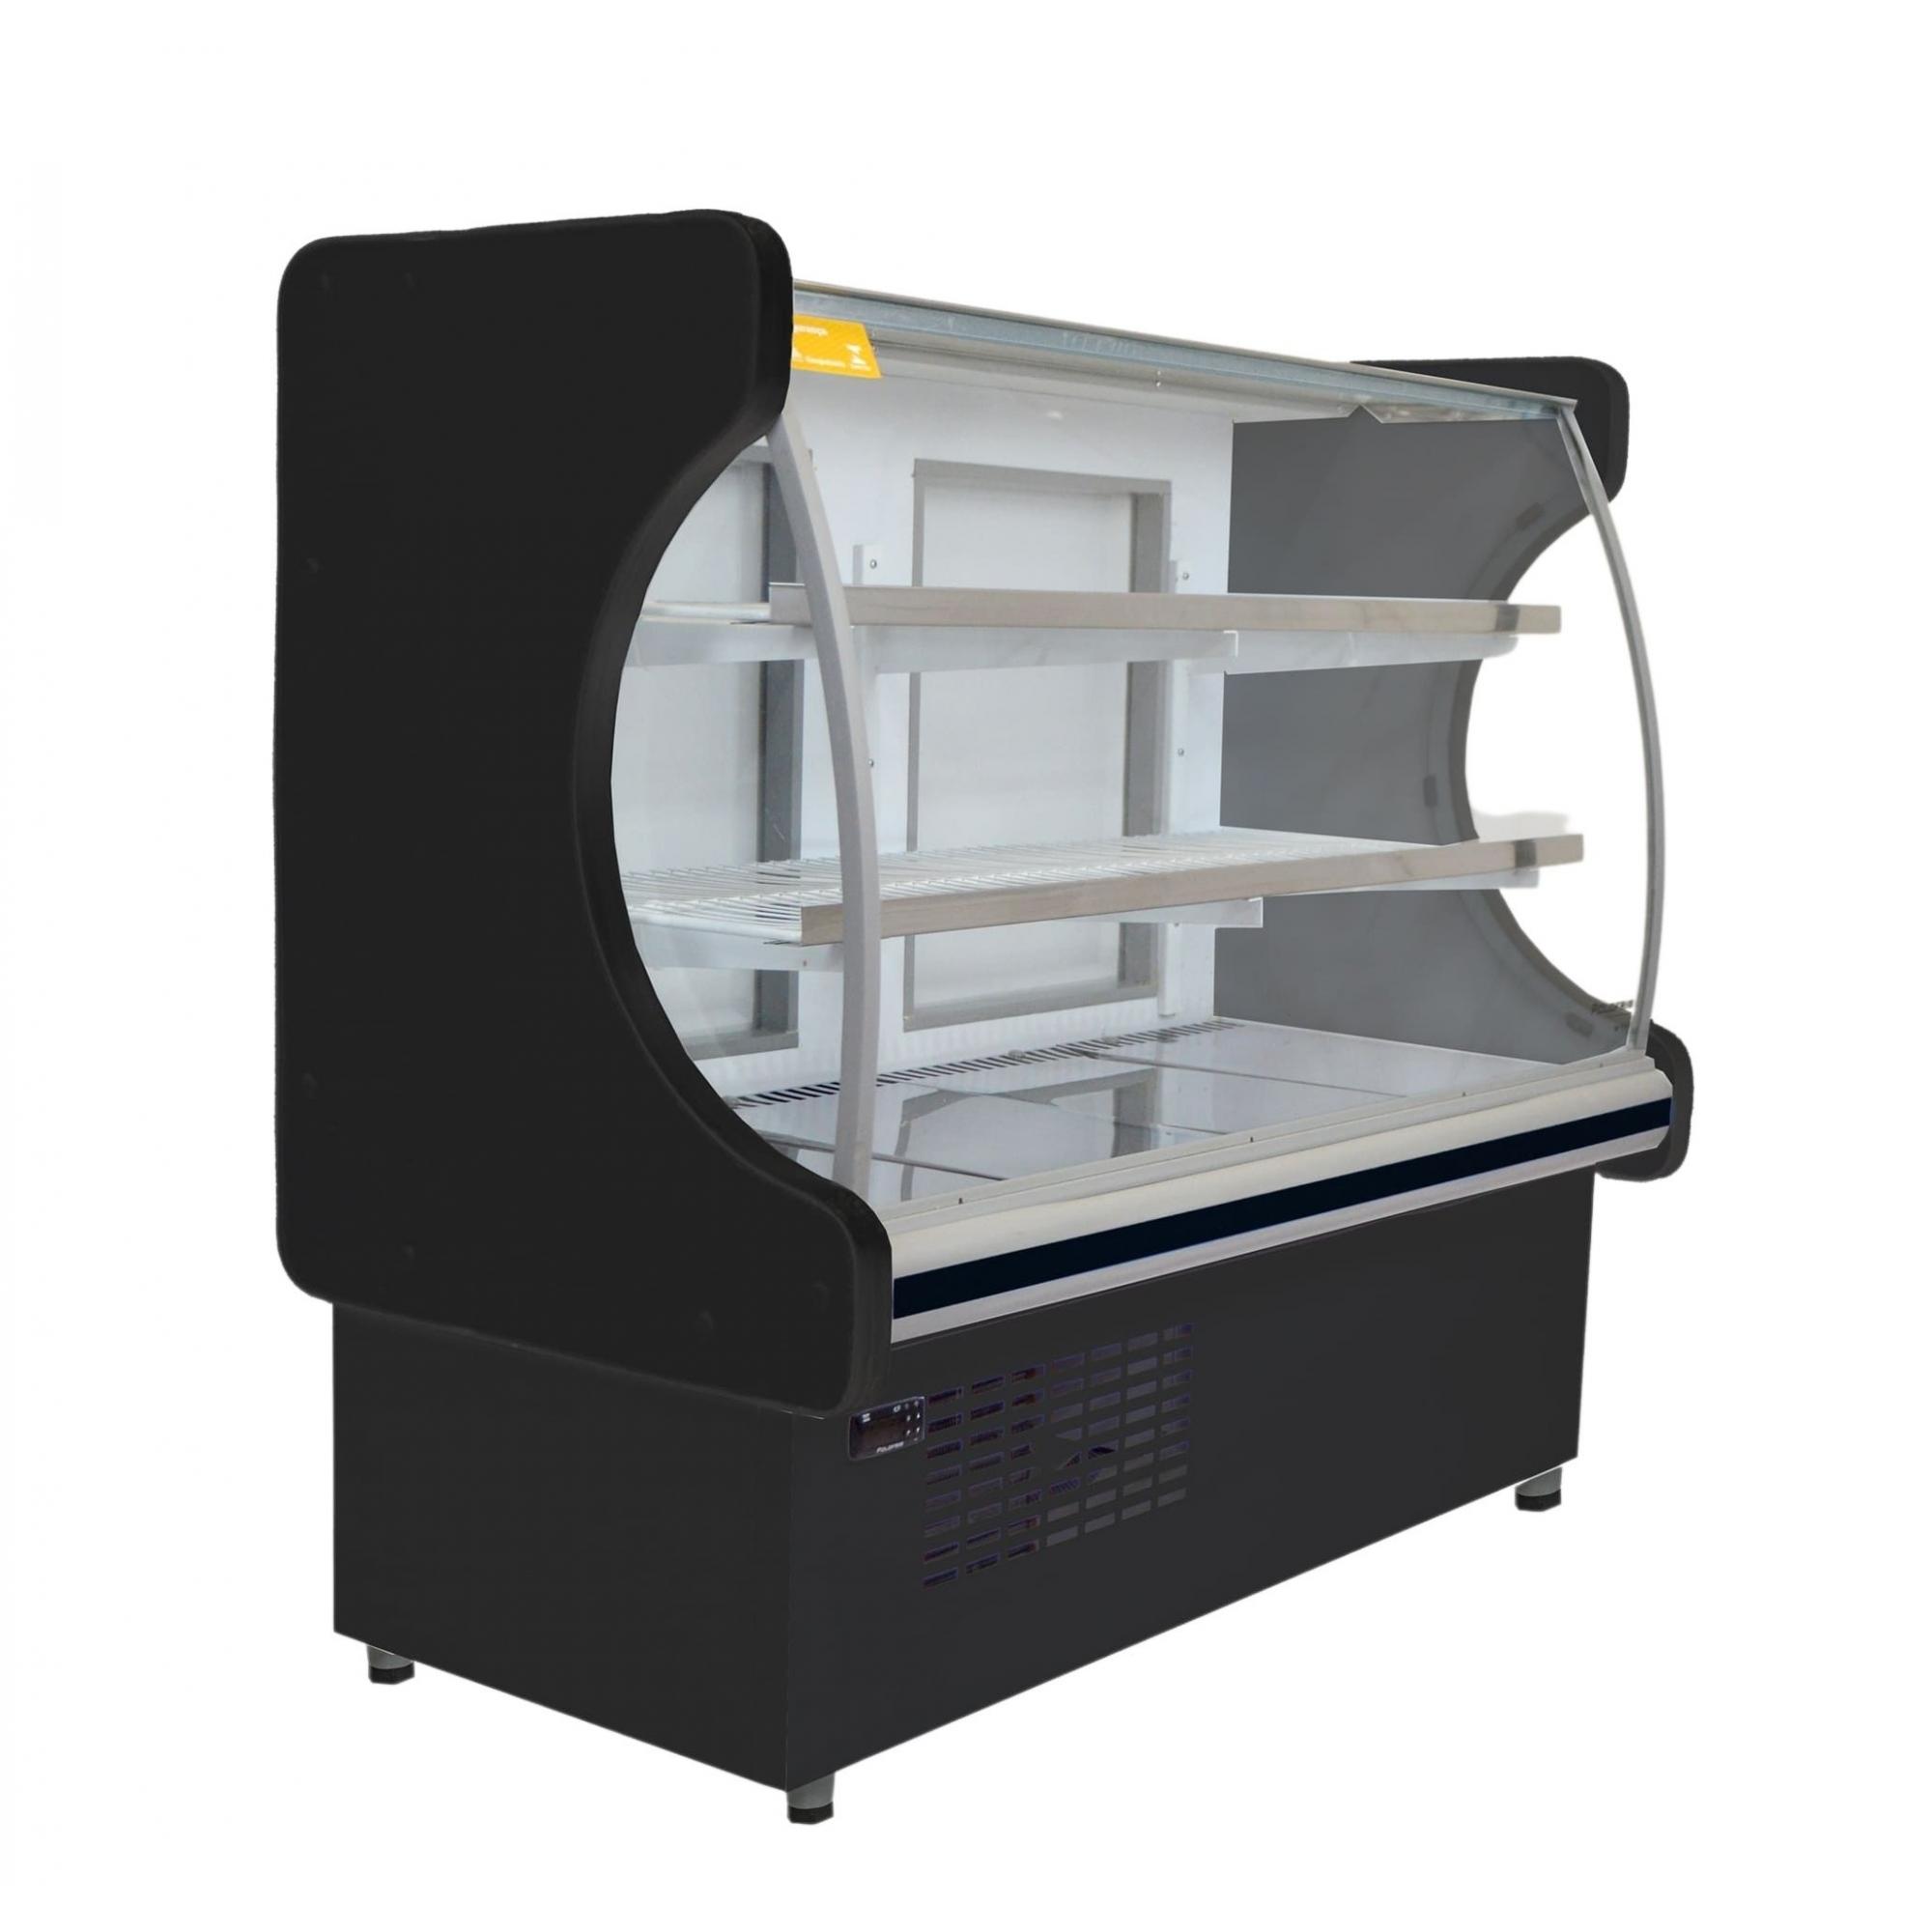 Balcão Refrigerado 1,00M P/ Torta e doces Vidro Semi curvo Classic Preto C/ Led 127V 5022 - Polo Frio